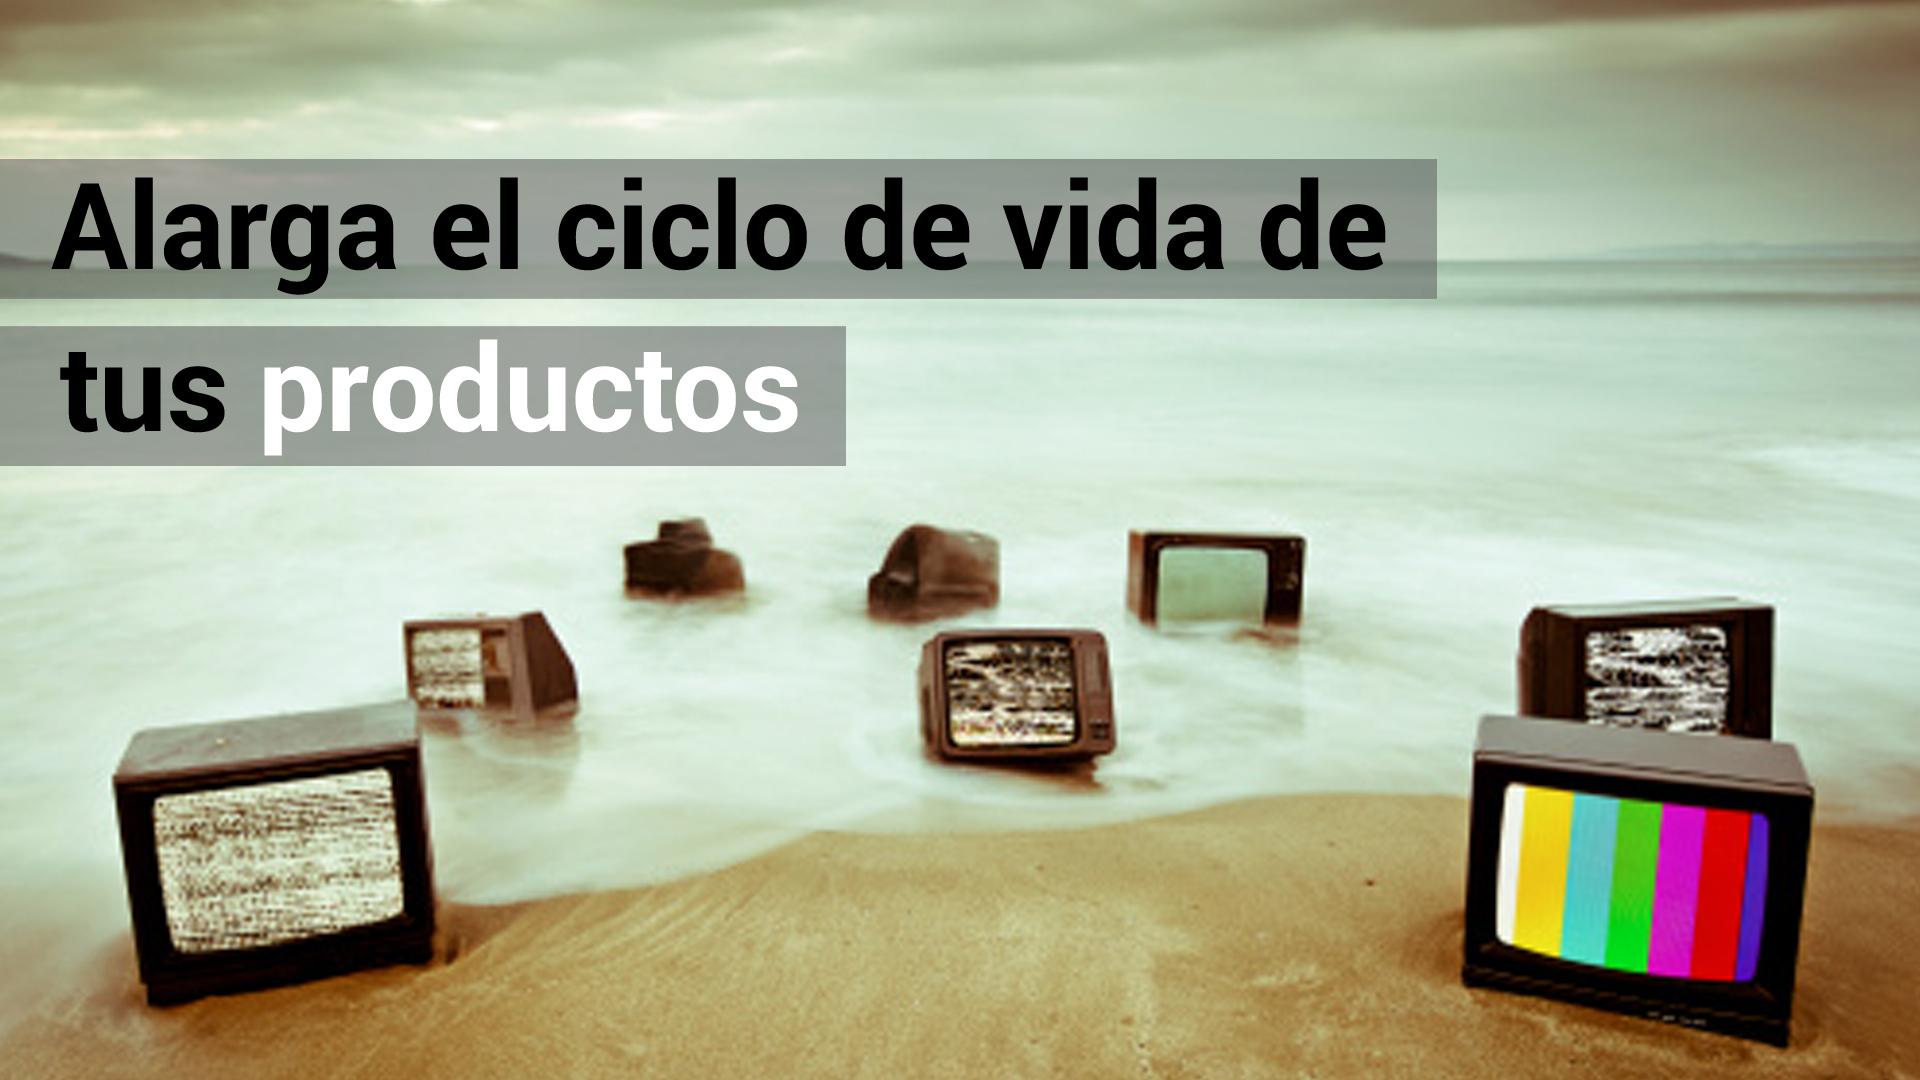 ¿Sabes cómo alargar el ciclo de vida de un producto?